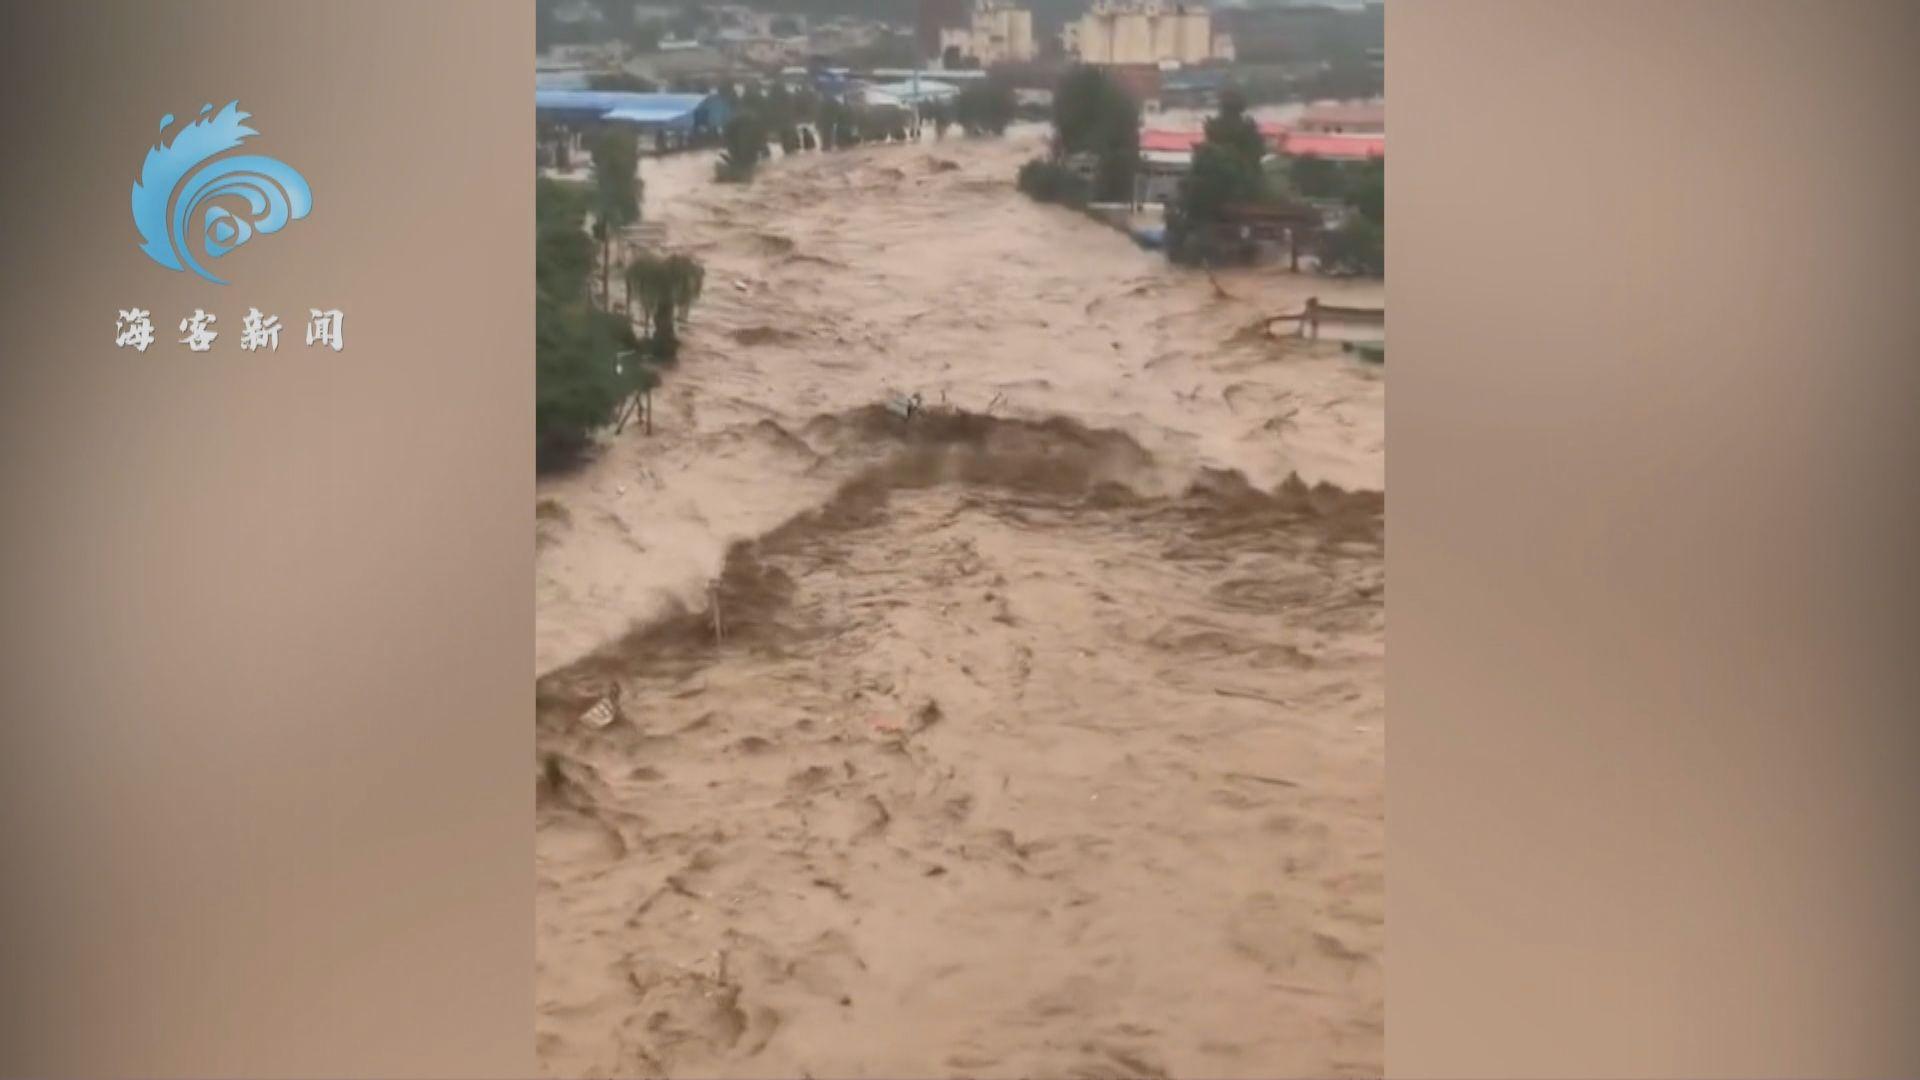 河南持續暴雨成災 至少25死逾百萬人受災